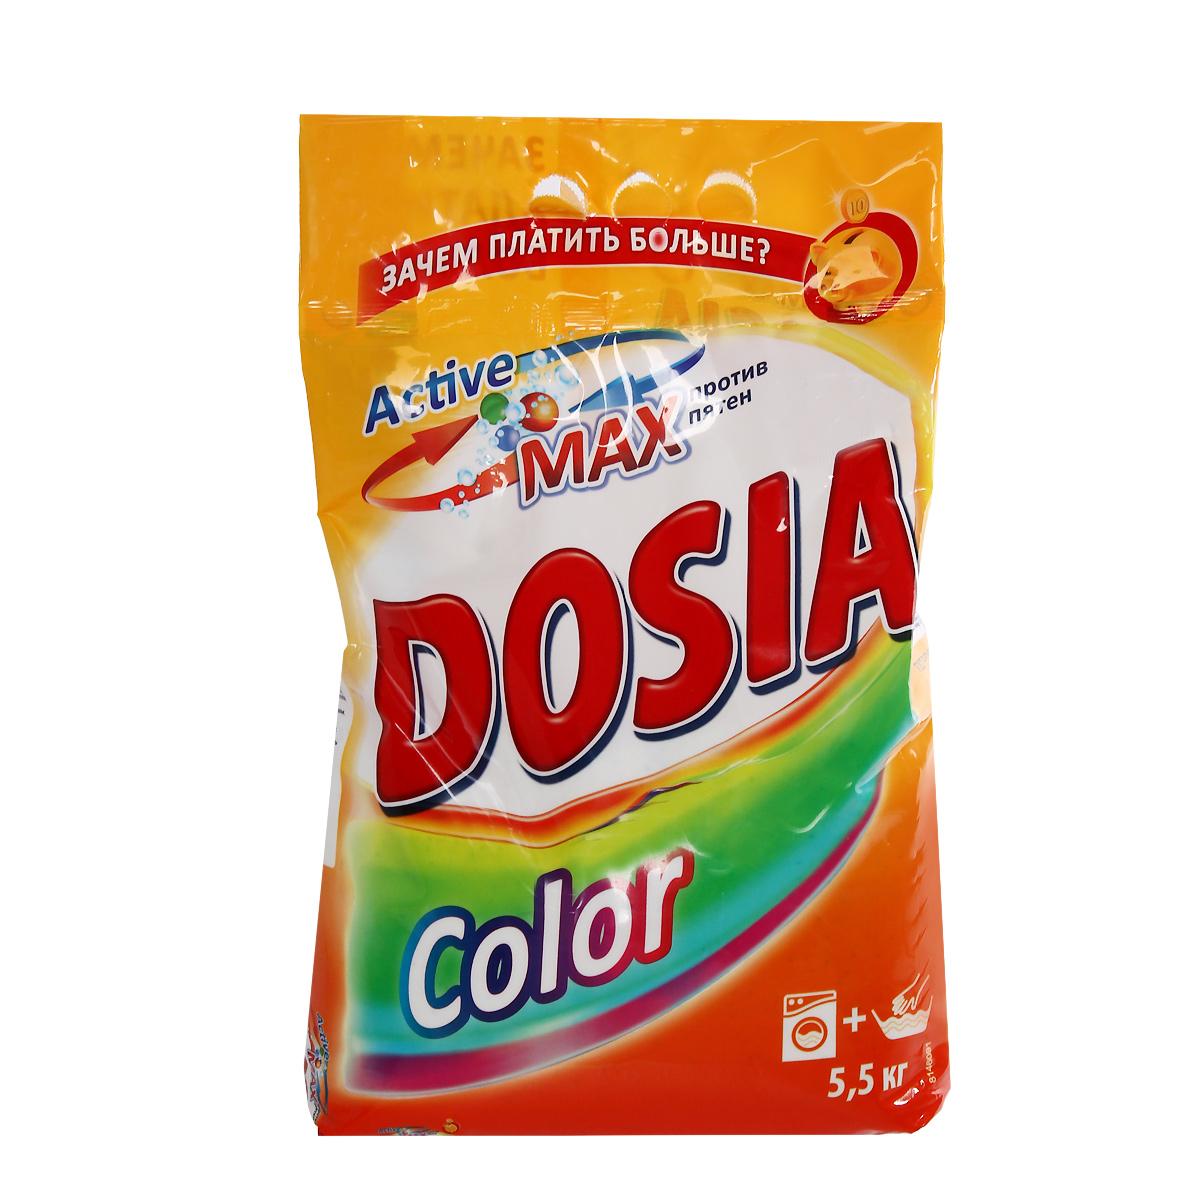 Стиральный порошок Dosia Color, аромат свежести, 5,5 кг531-402Стиральный порошок Dosia Color предназначен для стиркив стиральных машинах любого типа, также подходит для ручной стирки. Стиральный порошок содержит комплекс элементов, благодаря которым белье после стирки становиться чистым и свежим. Стиральный порошок Dosia Color для цветного белья бережно удаляет пятна, сохраняя свежий цвет ваших вещей стирка за стиркой! Порошок содержит компоненты, помогающие защитить стиральную машину от накипи и известкового налета. Характеристики: Вес порошка: 5,5 кг. Товар сертифицирован. Уважаемые клиенты!Обращаем ваше внимание на возможные изменения в дизайне упаковки.